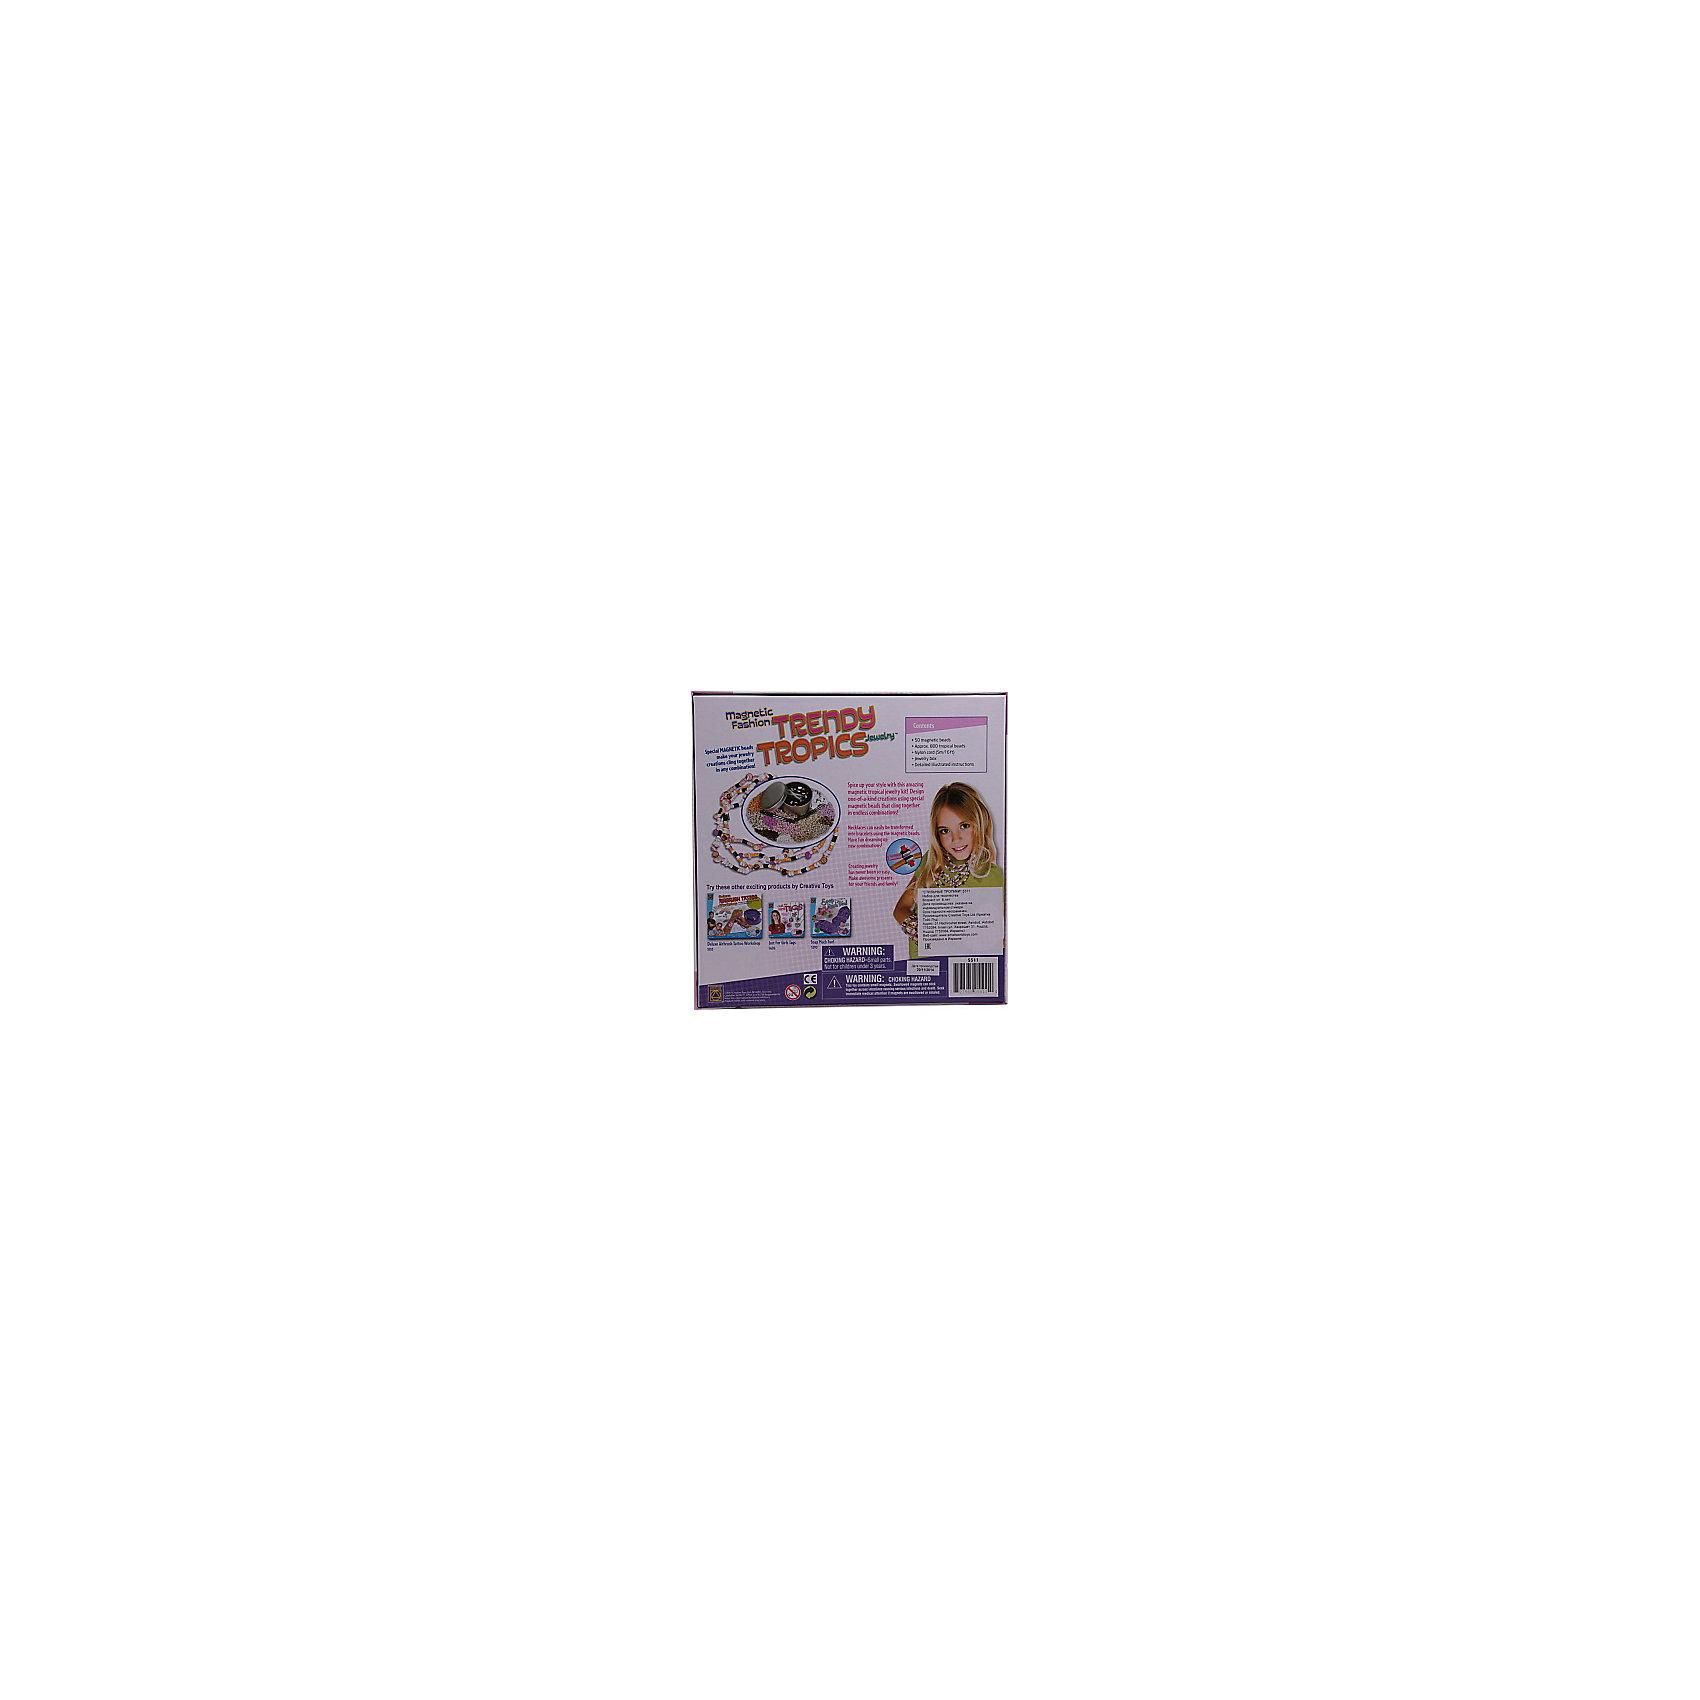 Набор Модные магниты Стильные тропикиНаборы для создания украшений<br>Набор Модные магниты Стильные тропики.<br><br>Характеристика: <br><br>• Возраст: от 8 лет<br>• Материал: пластик, картон, текстиль, краски.<br>• Размер: 6,5х26,5х26,5 см.<br>• Комплектация: 50 магнитных бусин;<br>800 натуральных бусин (ракушек и кораллов);<br>нейлоновая леска (5 метров);<br>шкатулка для хранения украшений; инструкция на русском языке.<br>• Развивает внимание, мелкую моторику, воображение, фантазию. <br>• Нетоксичные, безопасные для детей материалы.<br><br>Девочки обожают яркие блестящие украшения и безделушки! С помощью этого набора ваша маленькая рукодельница сможет сама сделать множество уникальных стильных украшений. В набор входят настоящие ракушки и кораллы. Магнитные бусины позволят быстро скреплять части украшений между собой, придумывая все новые и новые оригинальные дизайны. <br>Игра с набором не только увлекательное, но и полезное занятие: в процессе работы девочка сможет развить моторику рук, мышление, внимание и фантазию. Прекрасный вариант для подарка юной моднице! <br><br>Набор Модные магниты Стильные тропики можно купить в нашем интернет-магазине.<br><br>Ширина мм: 250<br>Глубина мм: 25<br>Высота мм: 60<br>Вес г: 575<br>Возраст от месяцев: 96<br>Возраст до месяцев: 2147483647<br>Пол: Женский<br>Возраст: Детский<br>SKU: 5487906